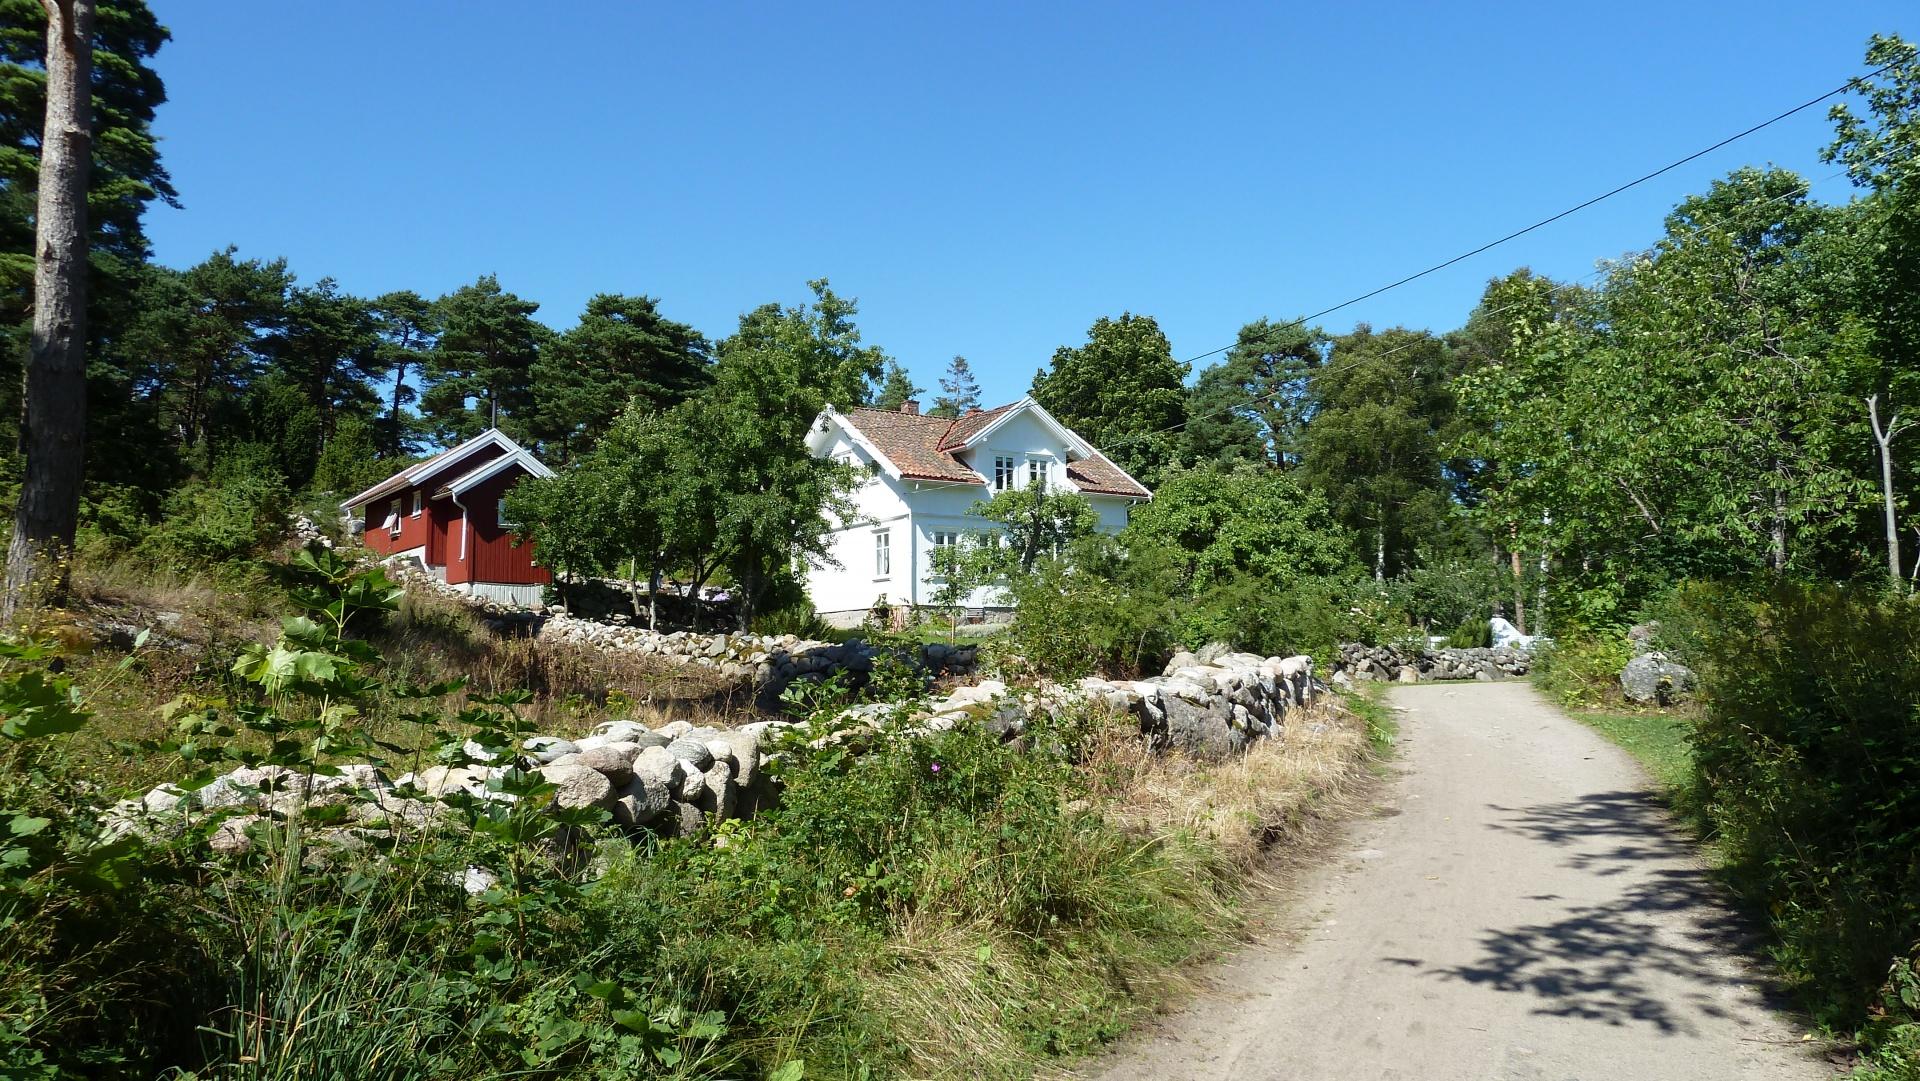 Nedgården på Søndre Sandøy, Hvaler juli 2010